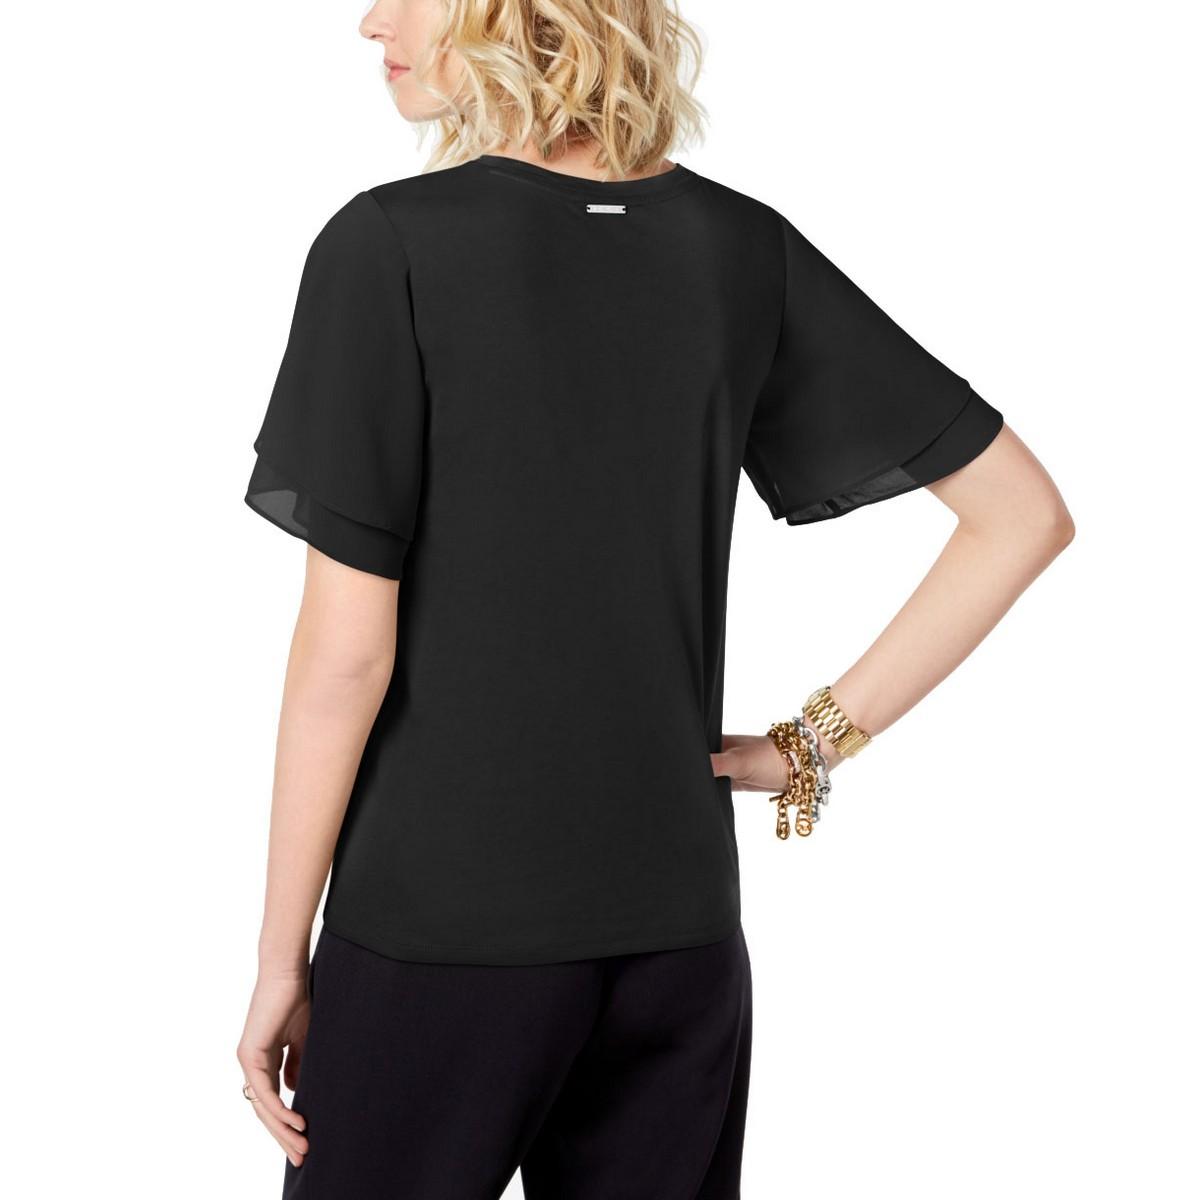 MICHAEL-KORS-NEW-Women-039-s-Tiered-Flutter-sleeve-Casual-Shirt-Top-TEDO thumbnail 4